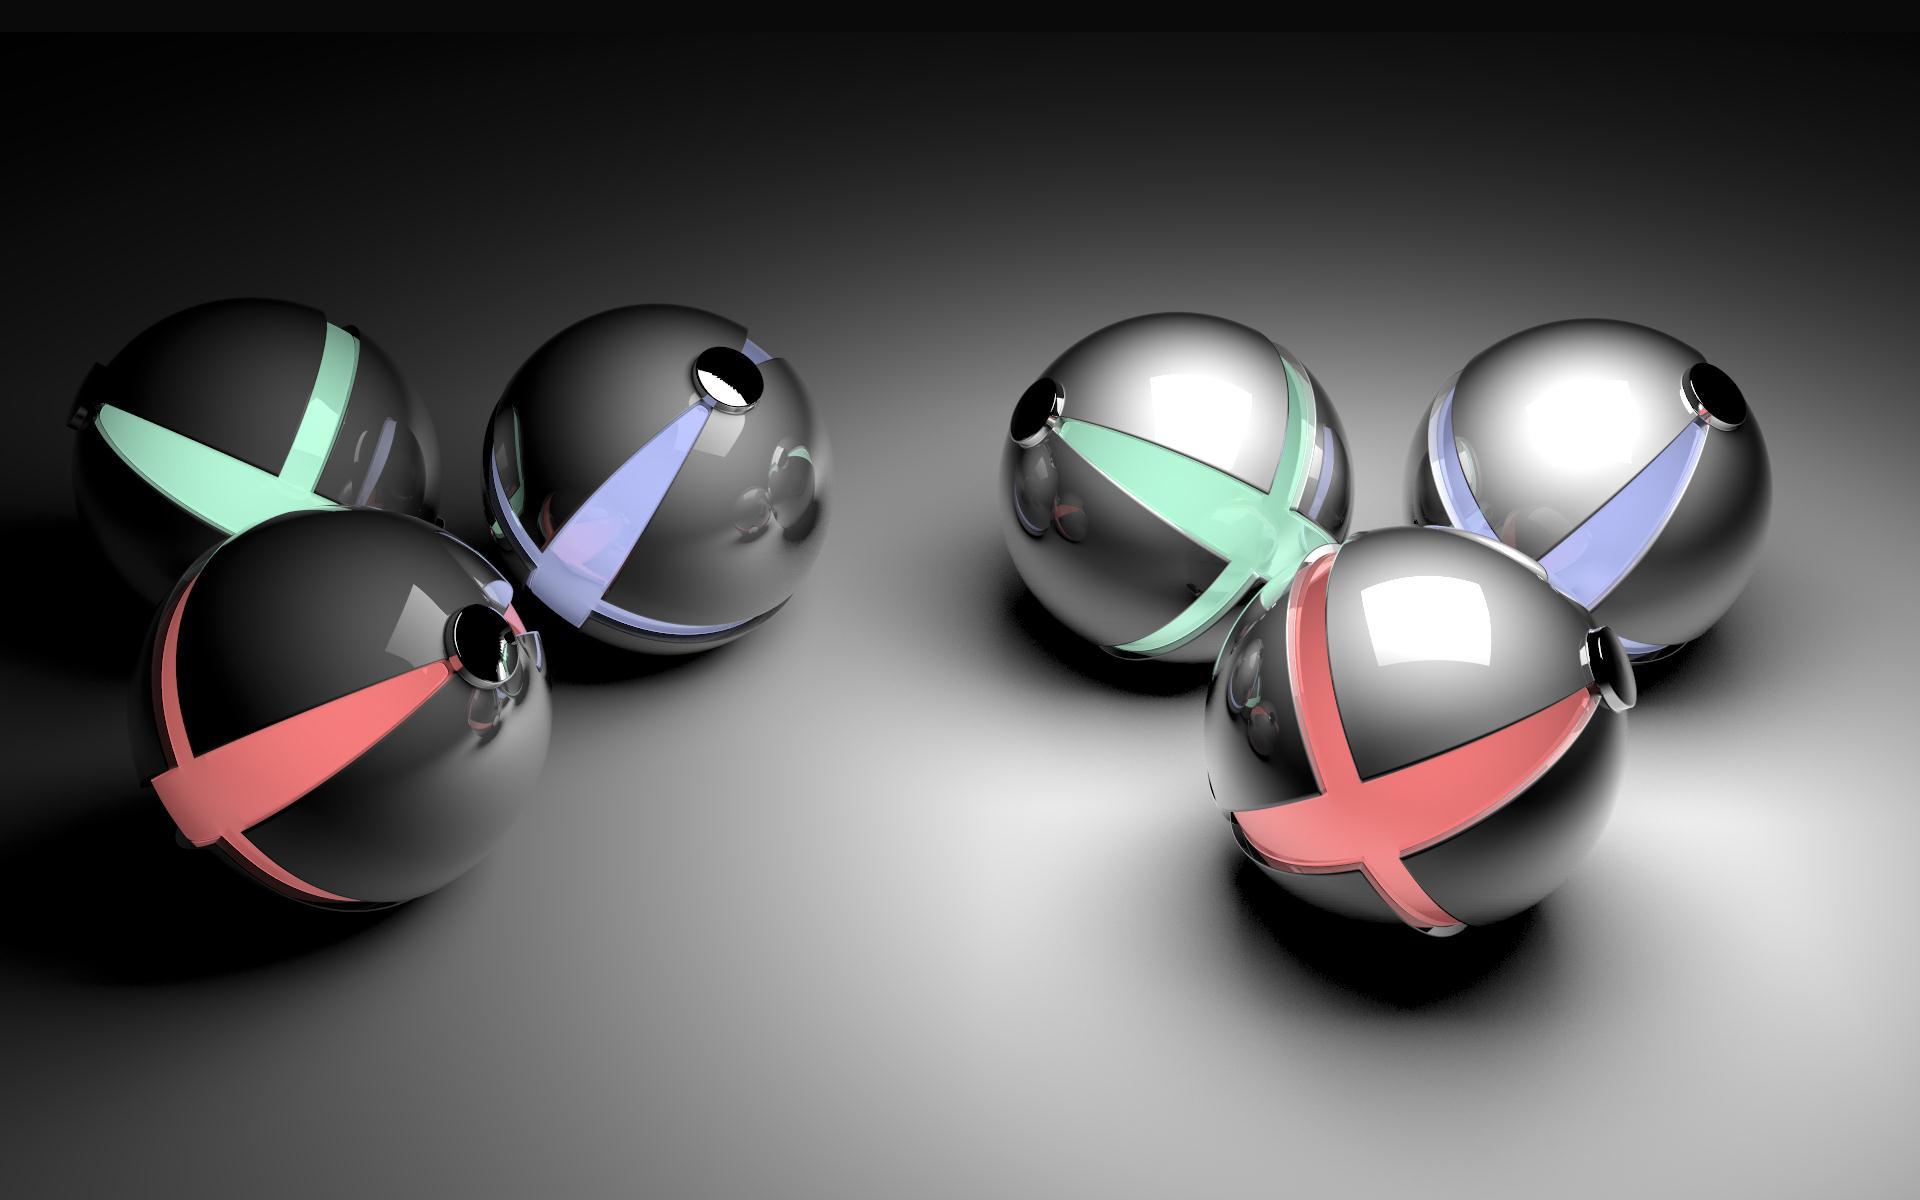 Digital Art Spheres